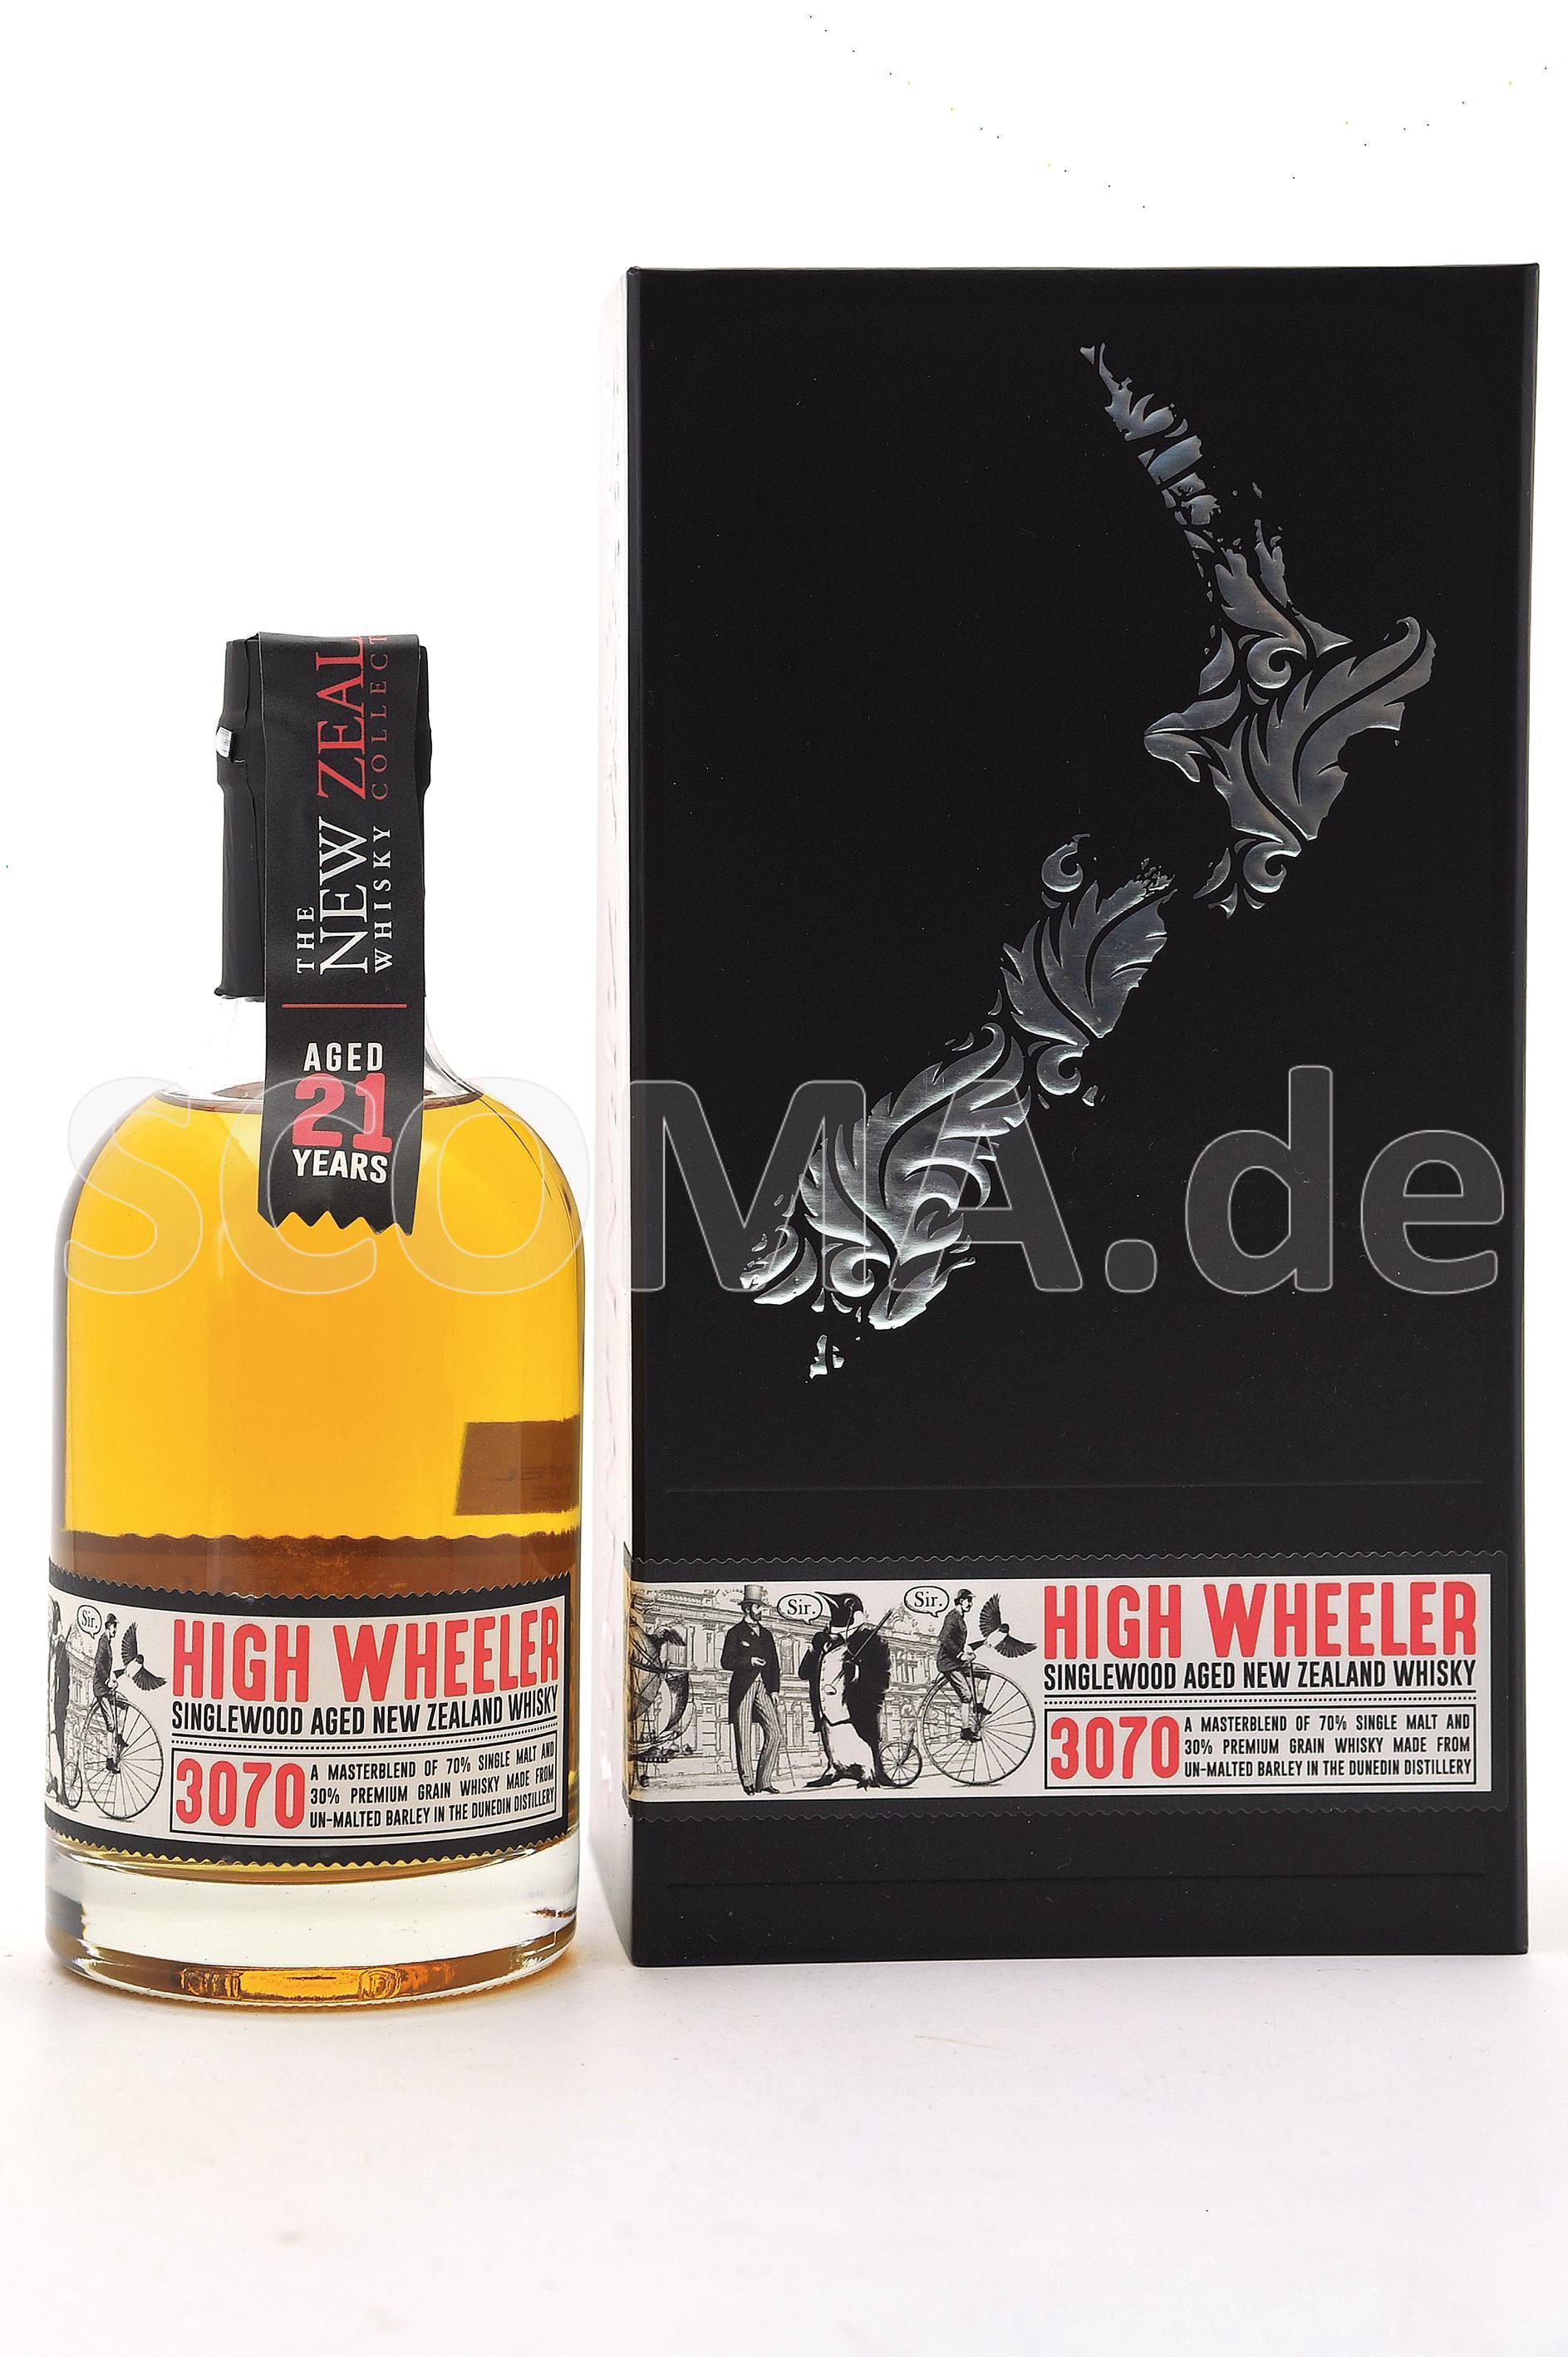 New Zealand Whisky Company Hig...